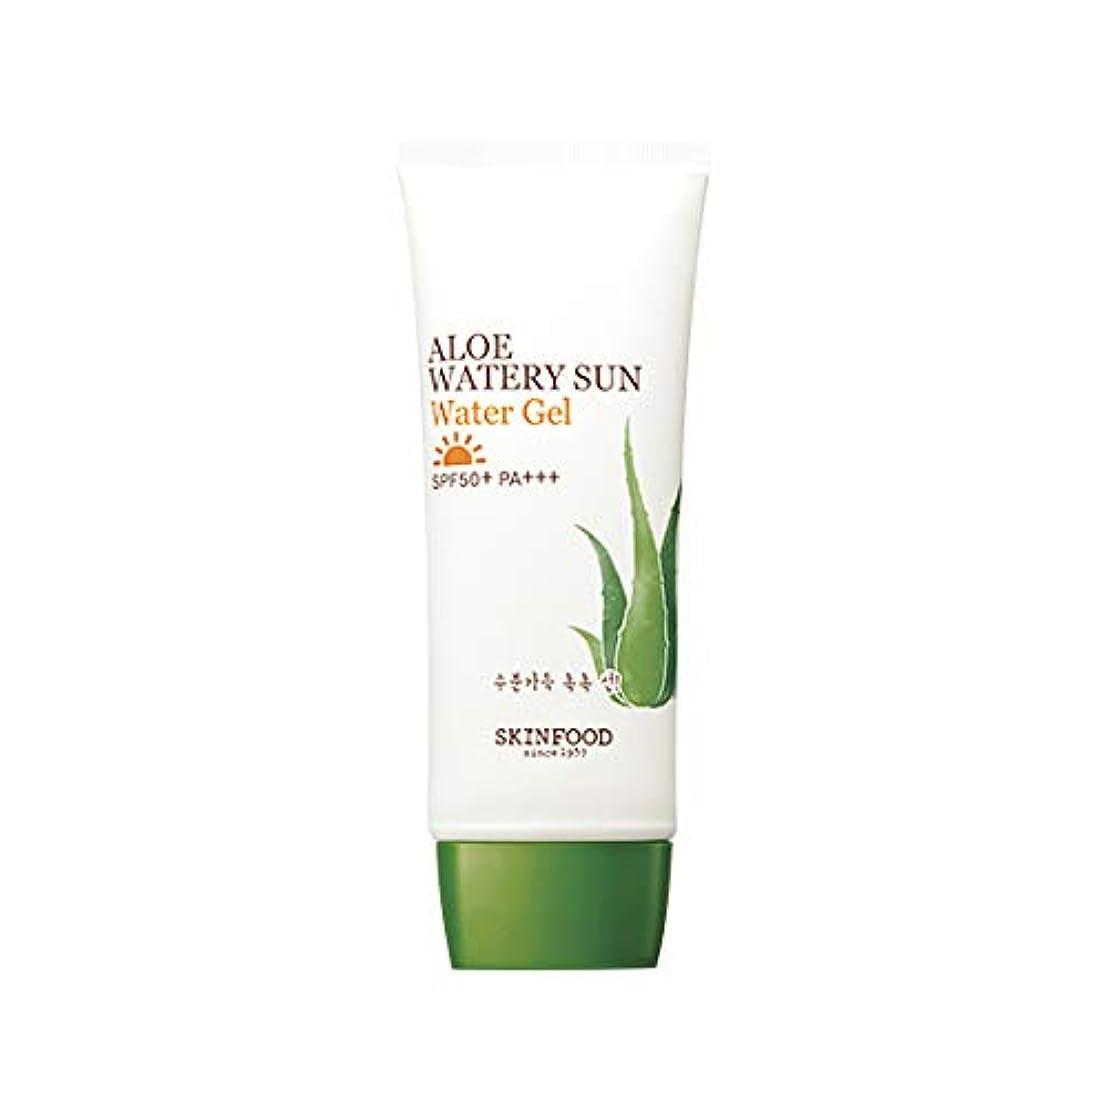 霧腐った黒板Skinfood アロエウォーターサンジェルSPF50 + PA +++ / Aloe Watery Sun Water Gel SPF50+ PA+++ 50ml [並行輸入品]